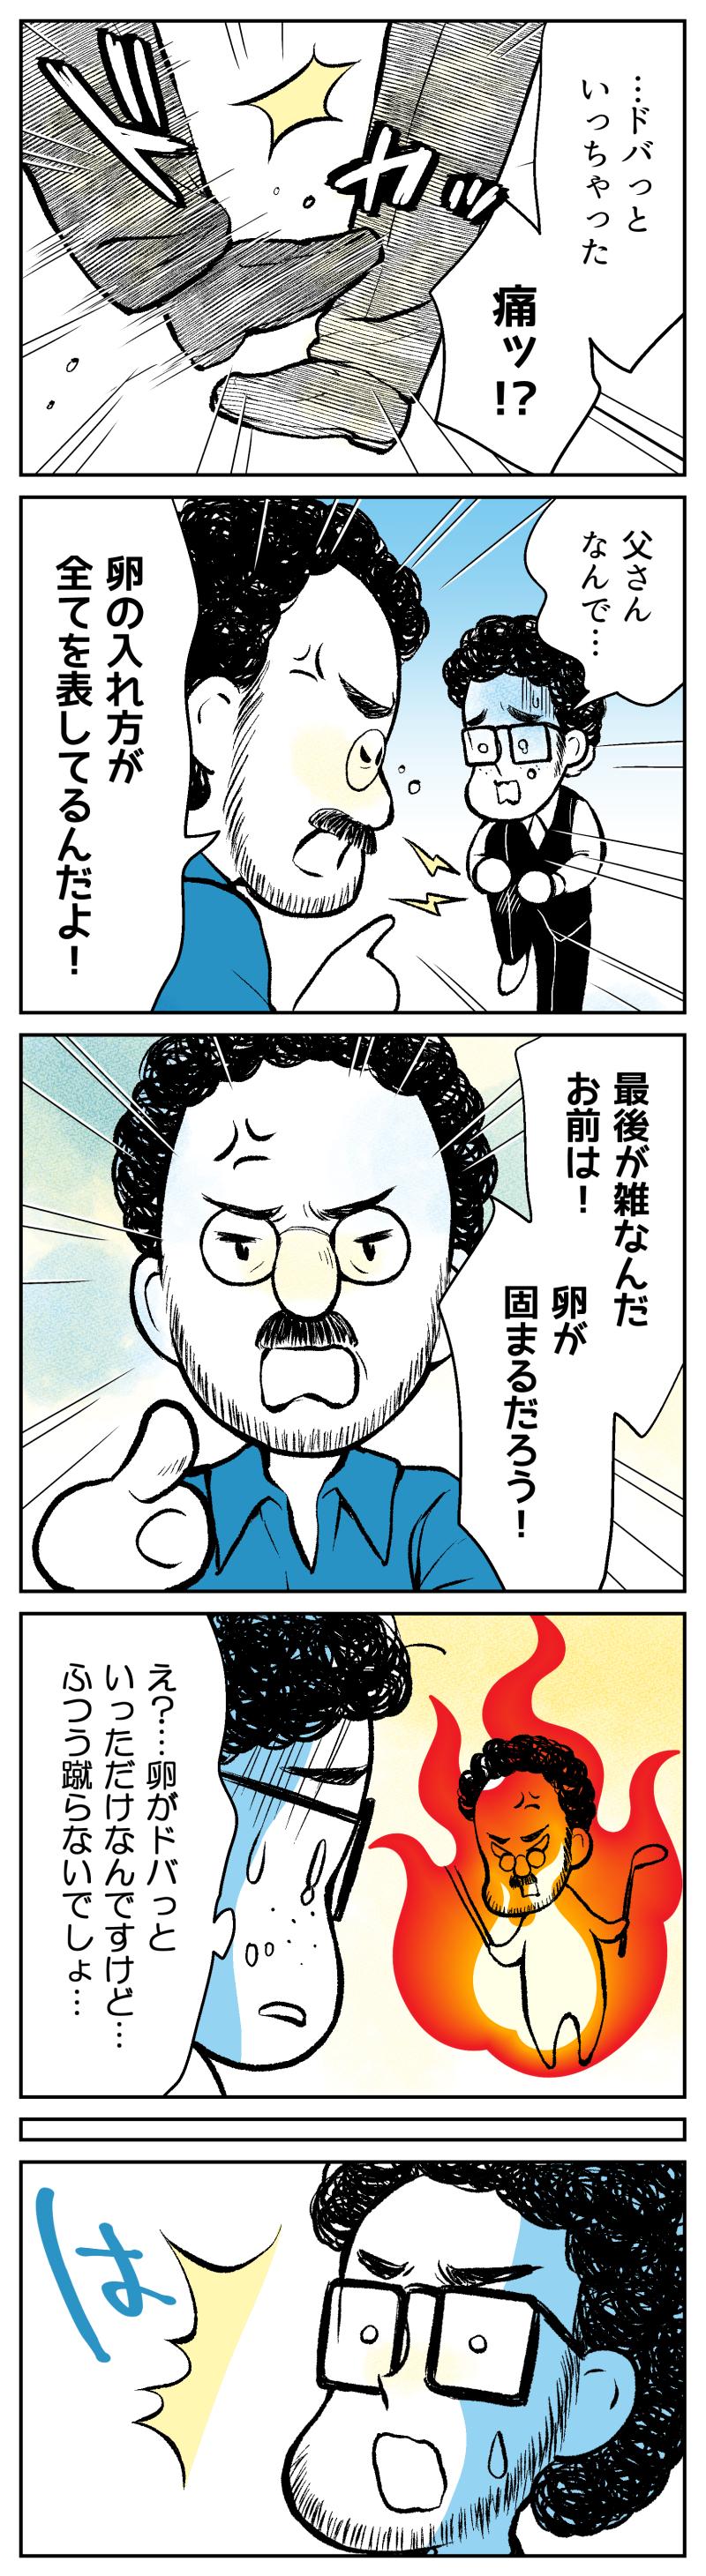 伯爵4話_010.jpg